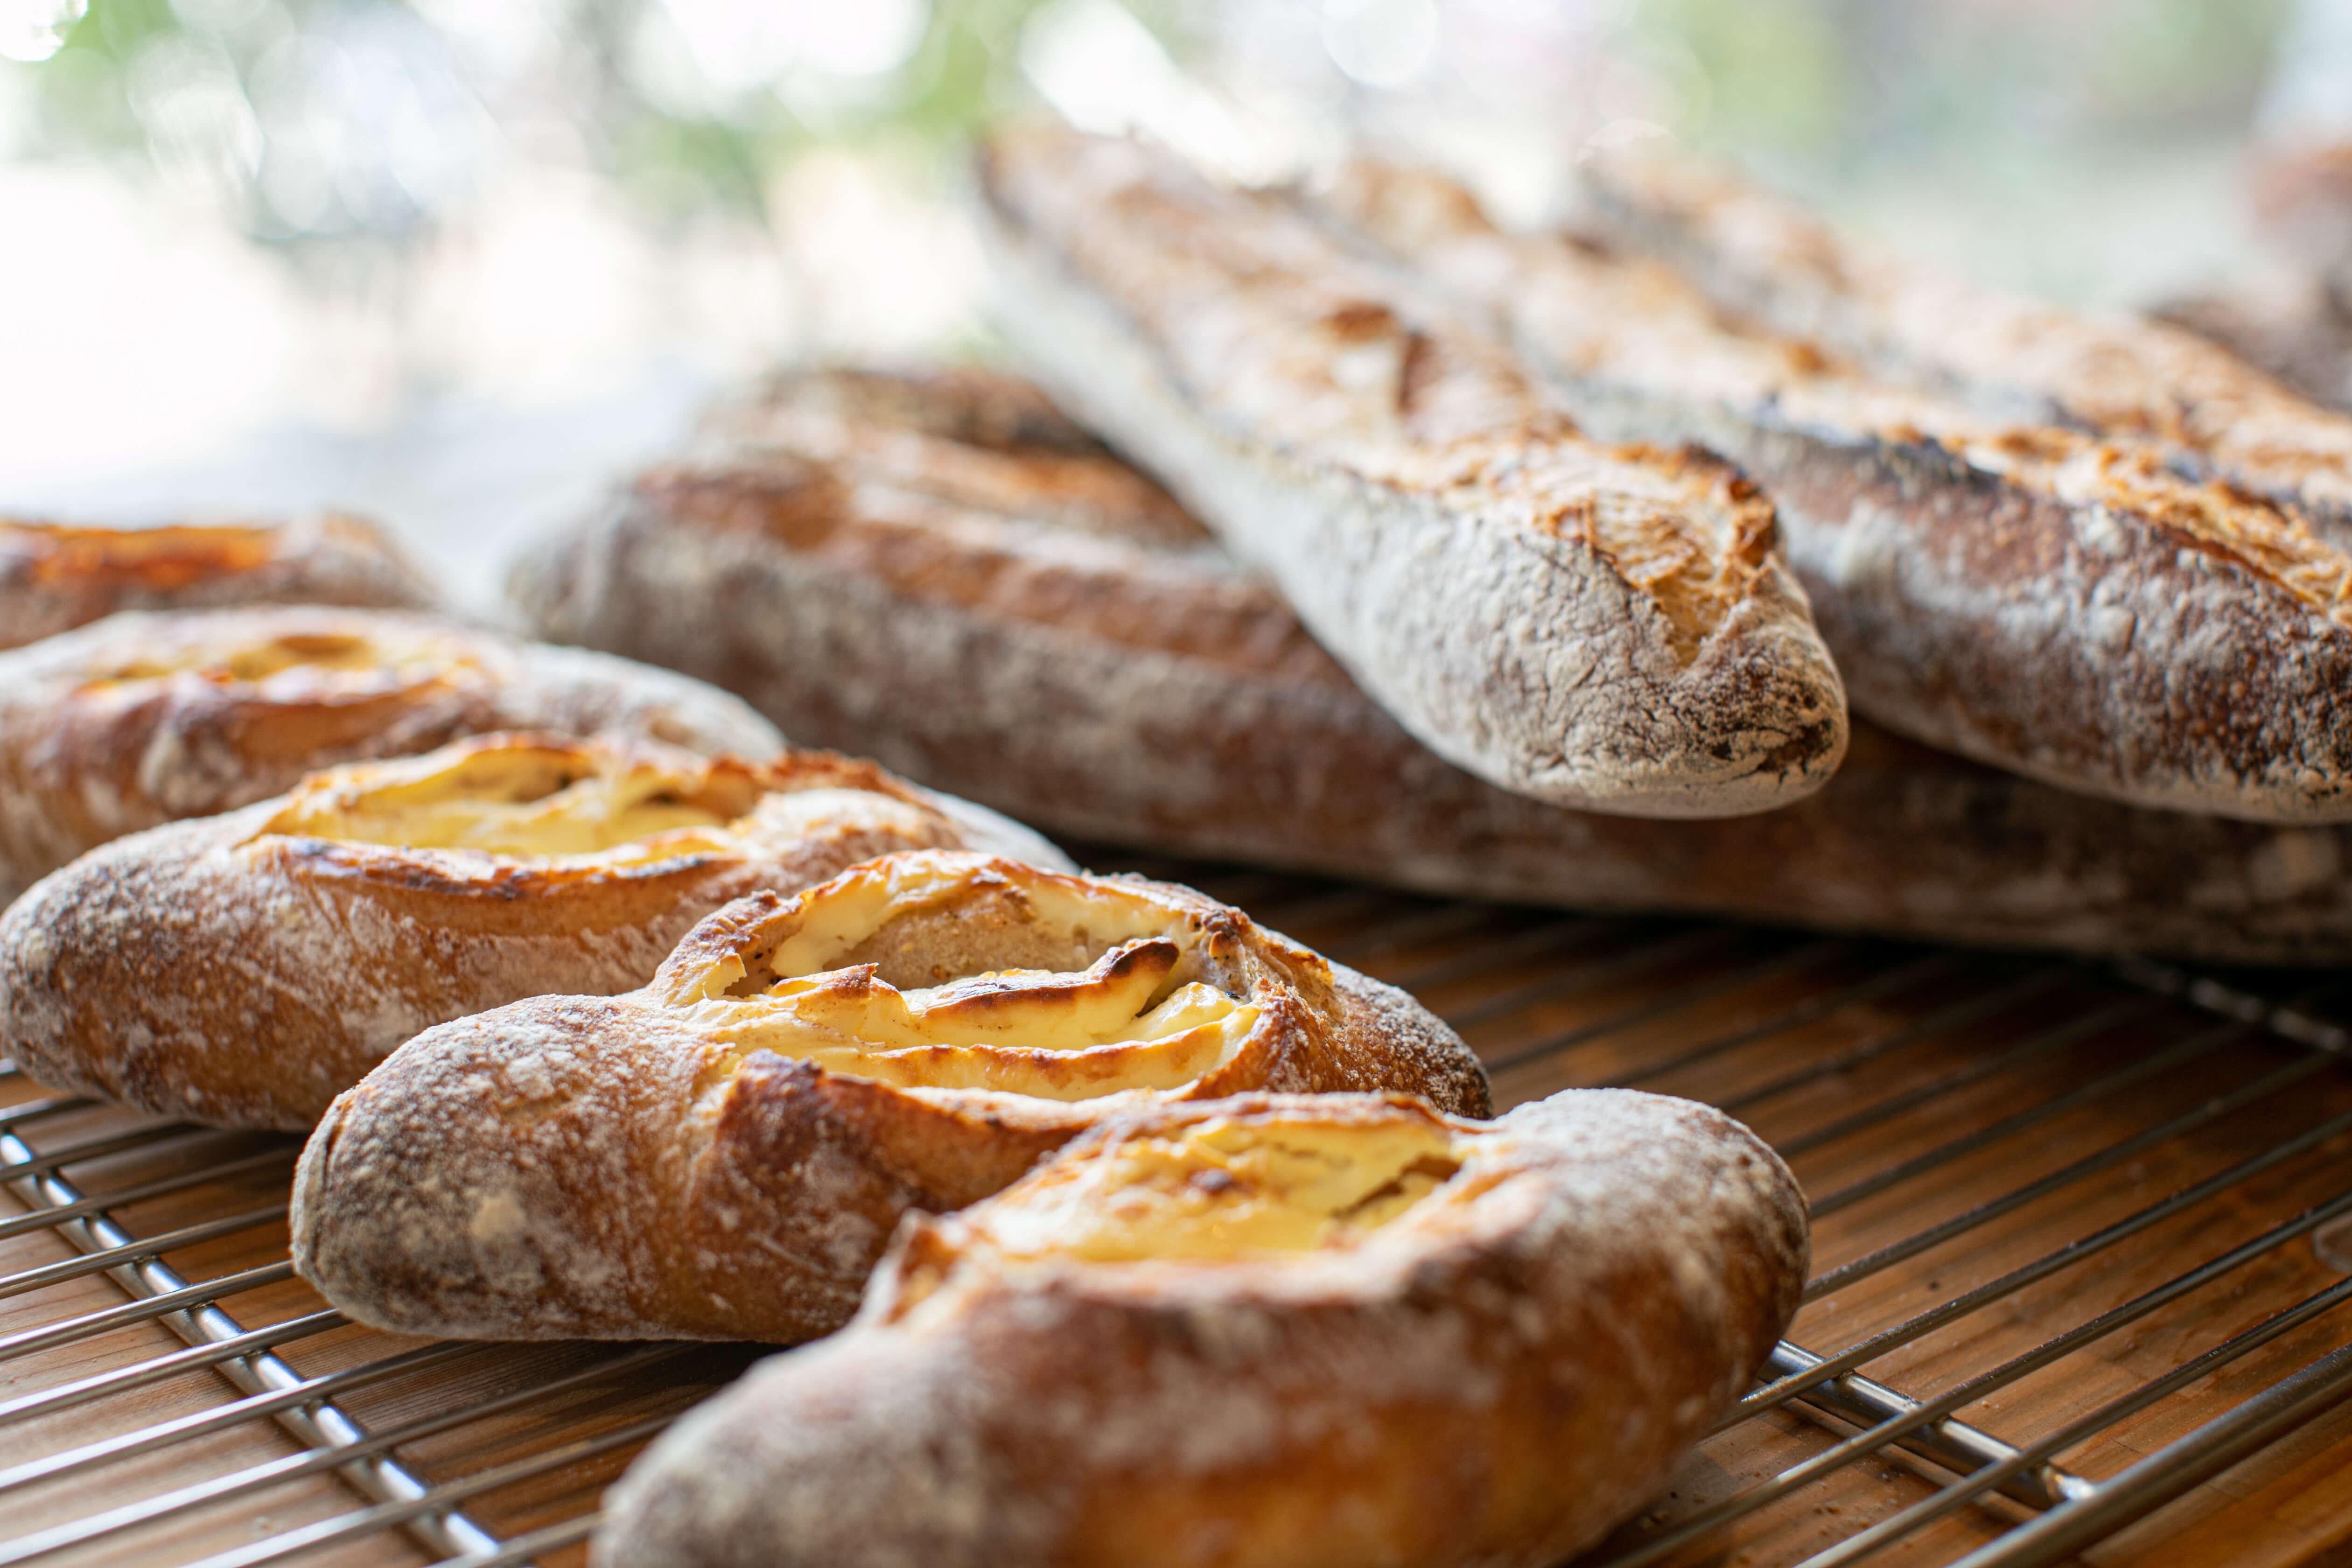 神戸駅、大開駅・兵庫駅界隈で大人気のパン屋!「boulangerie recolte(ブーランジェリー レコルト)」さんを口コミレポート!